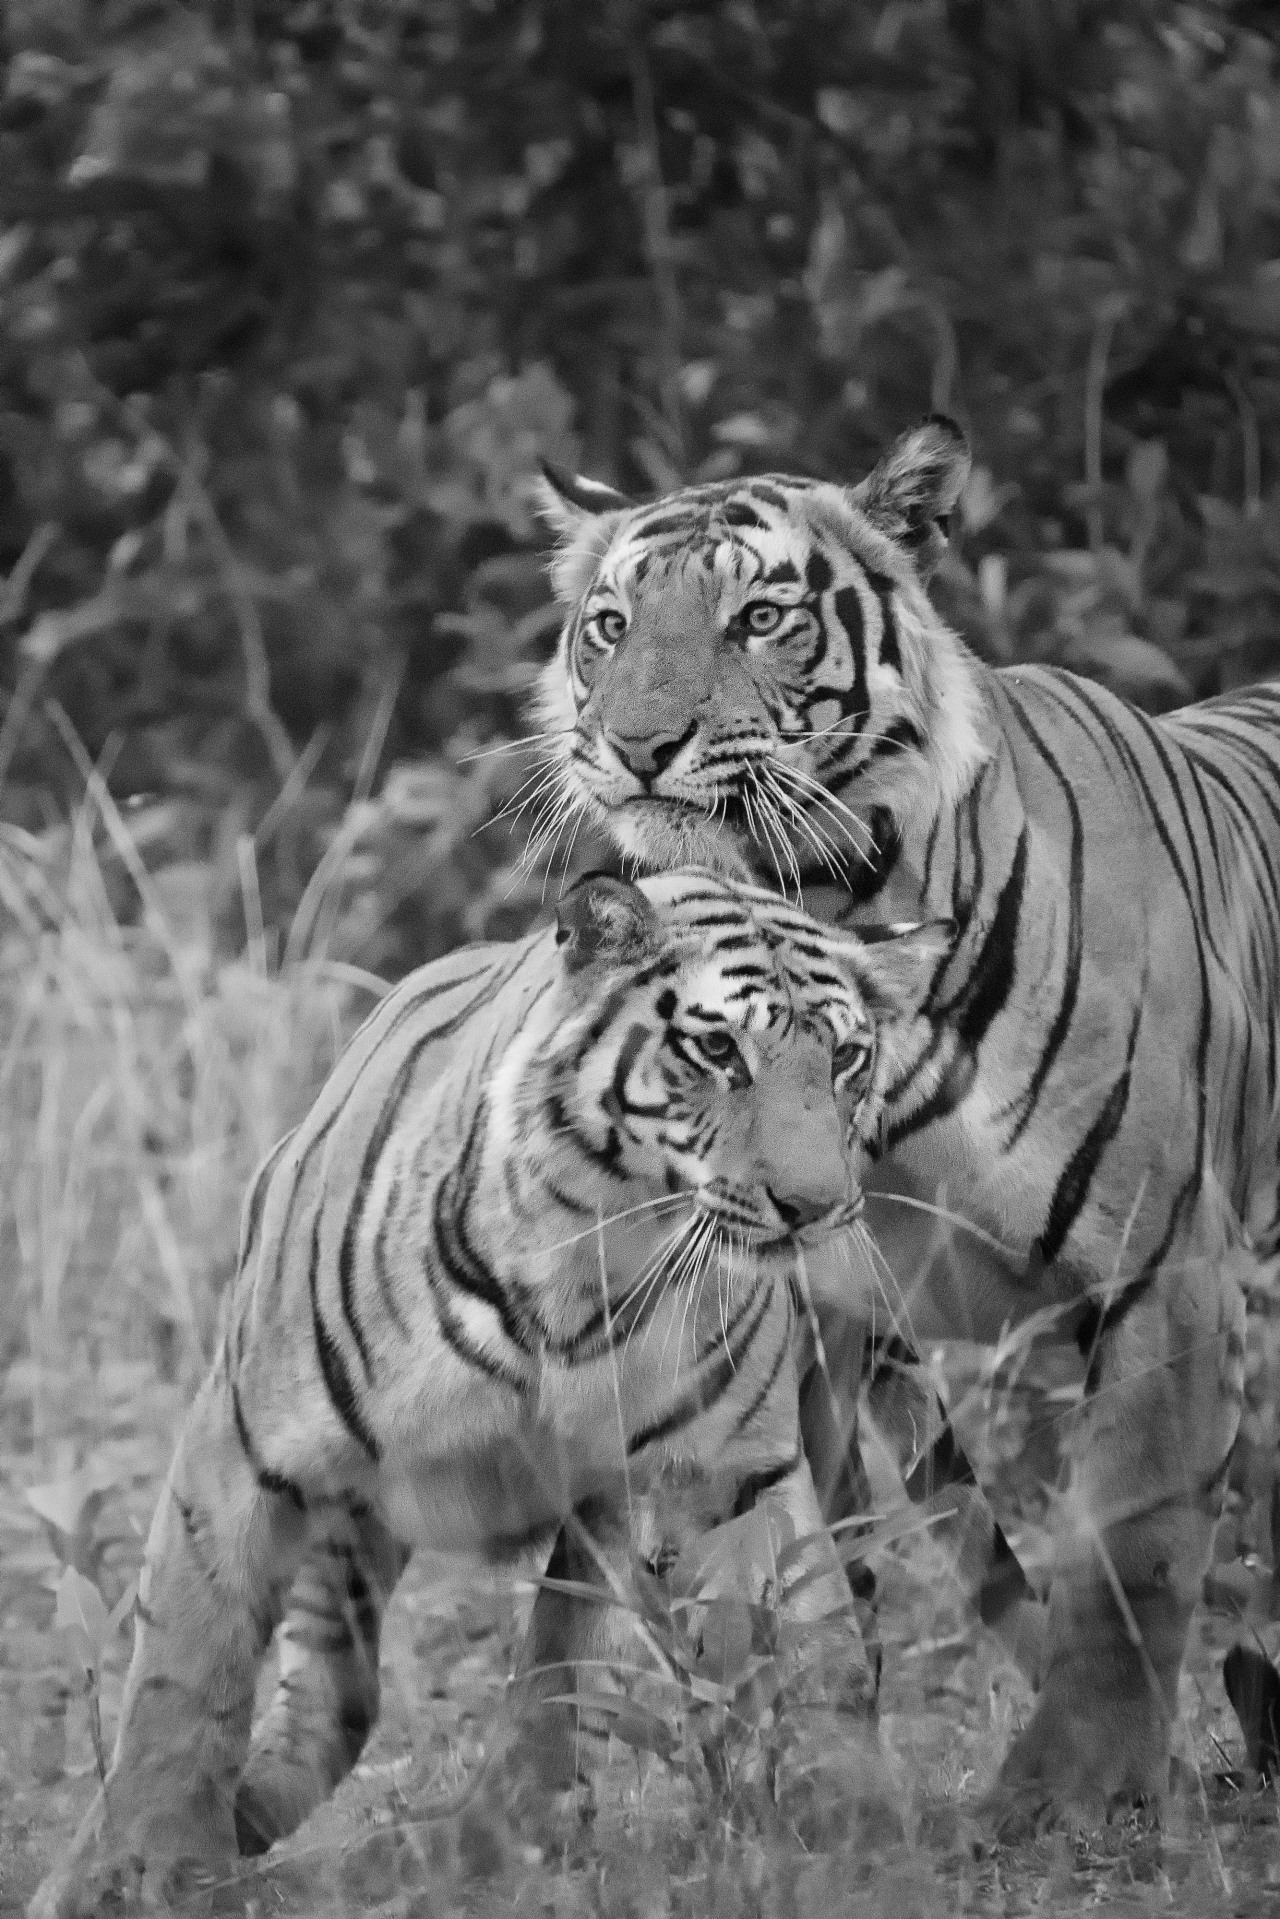 tigers_card5_587